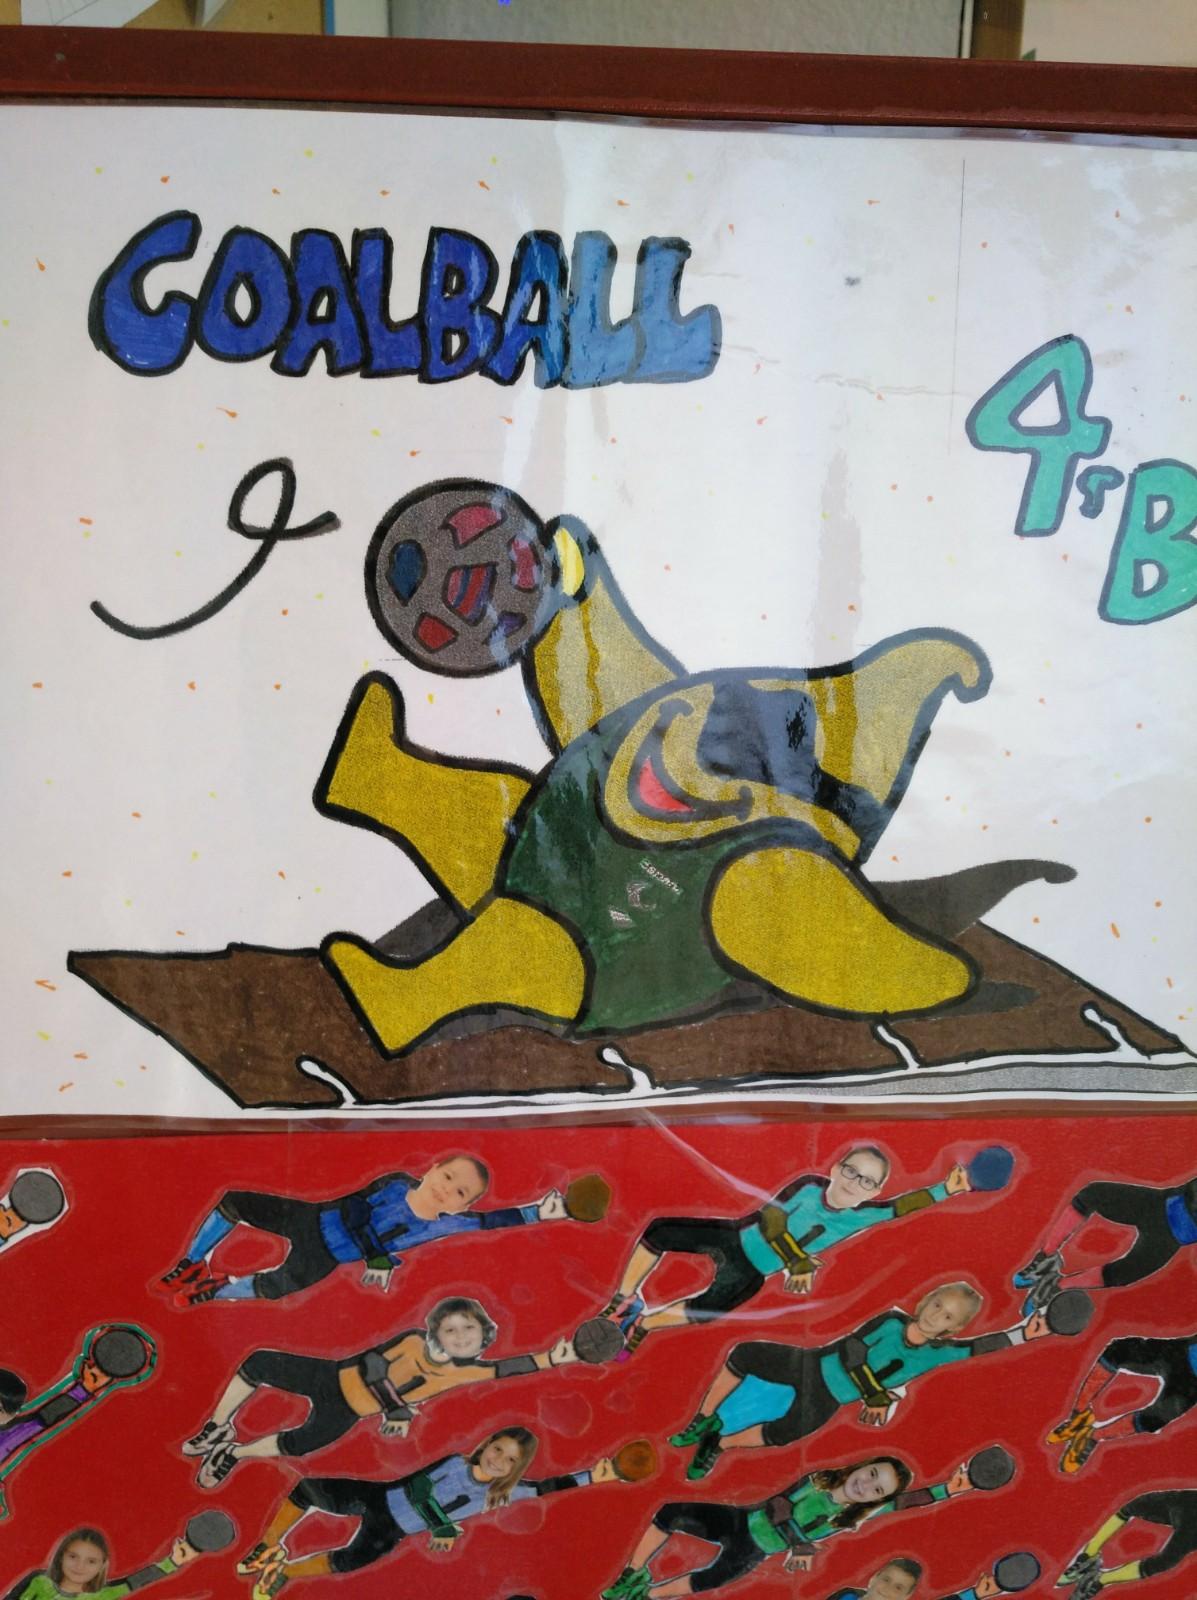 Goalball (4t B)